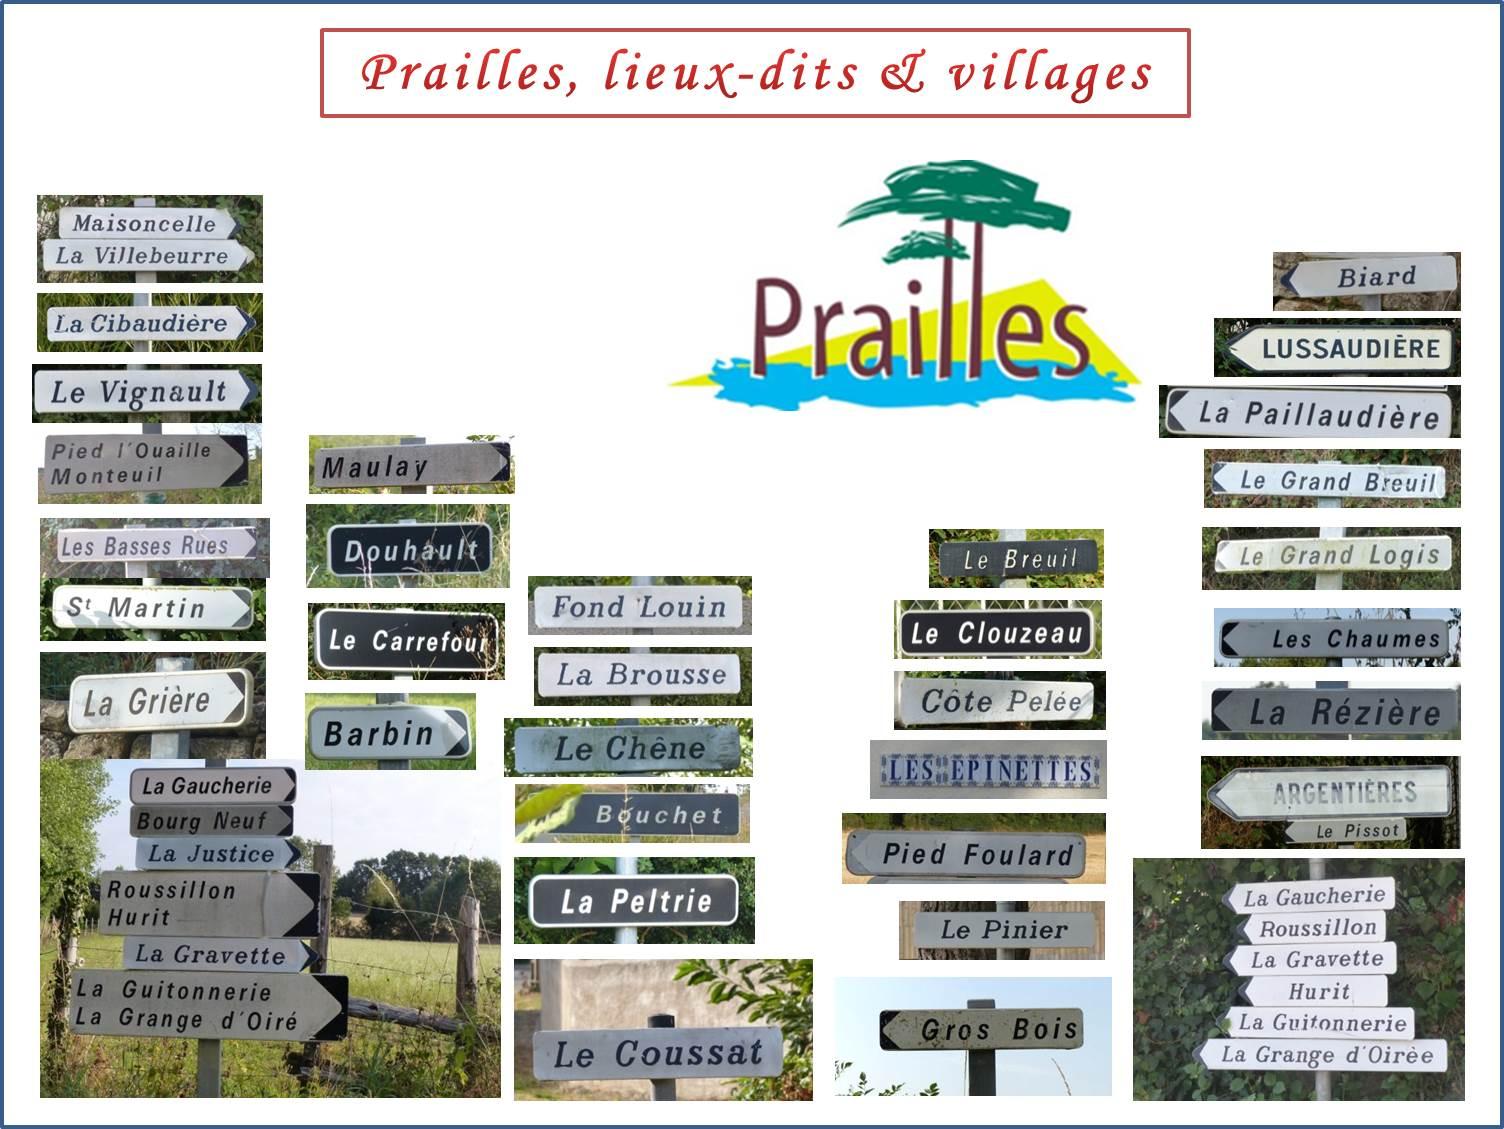 Villages et lieux dits de Prailles.jpg